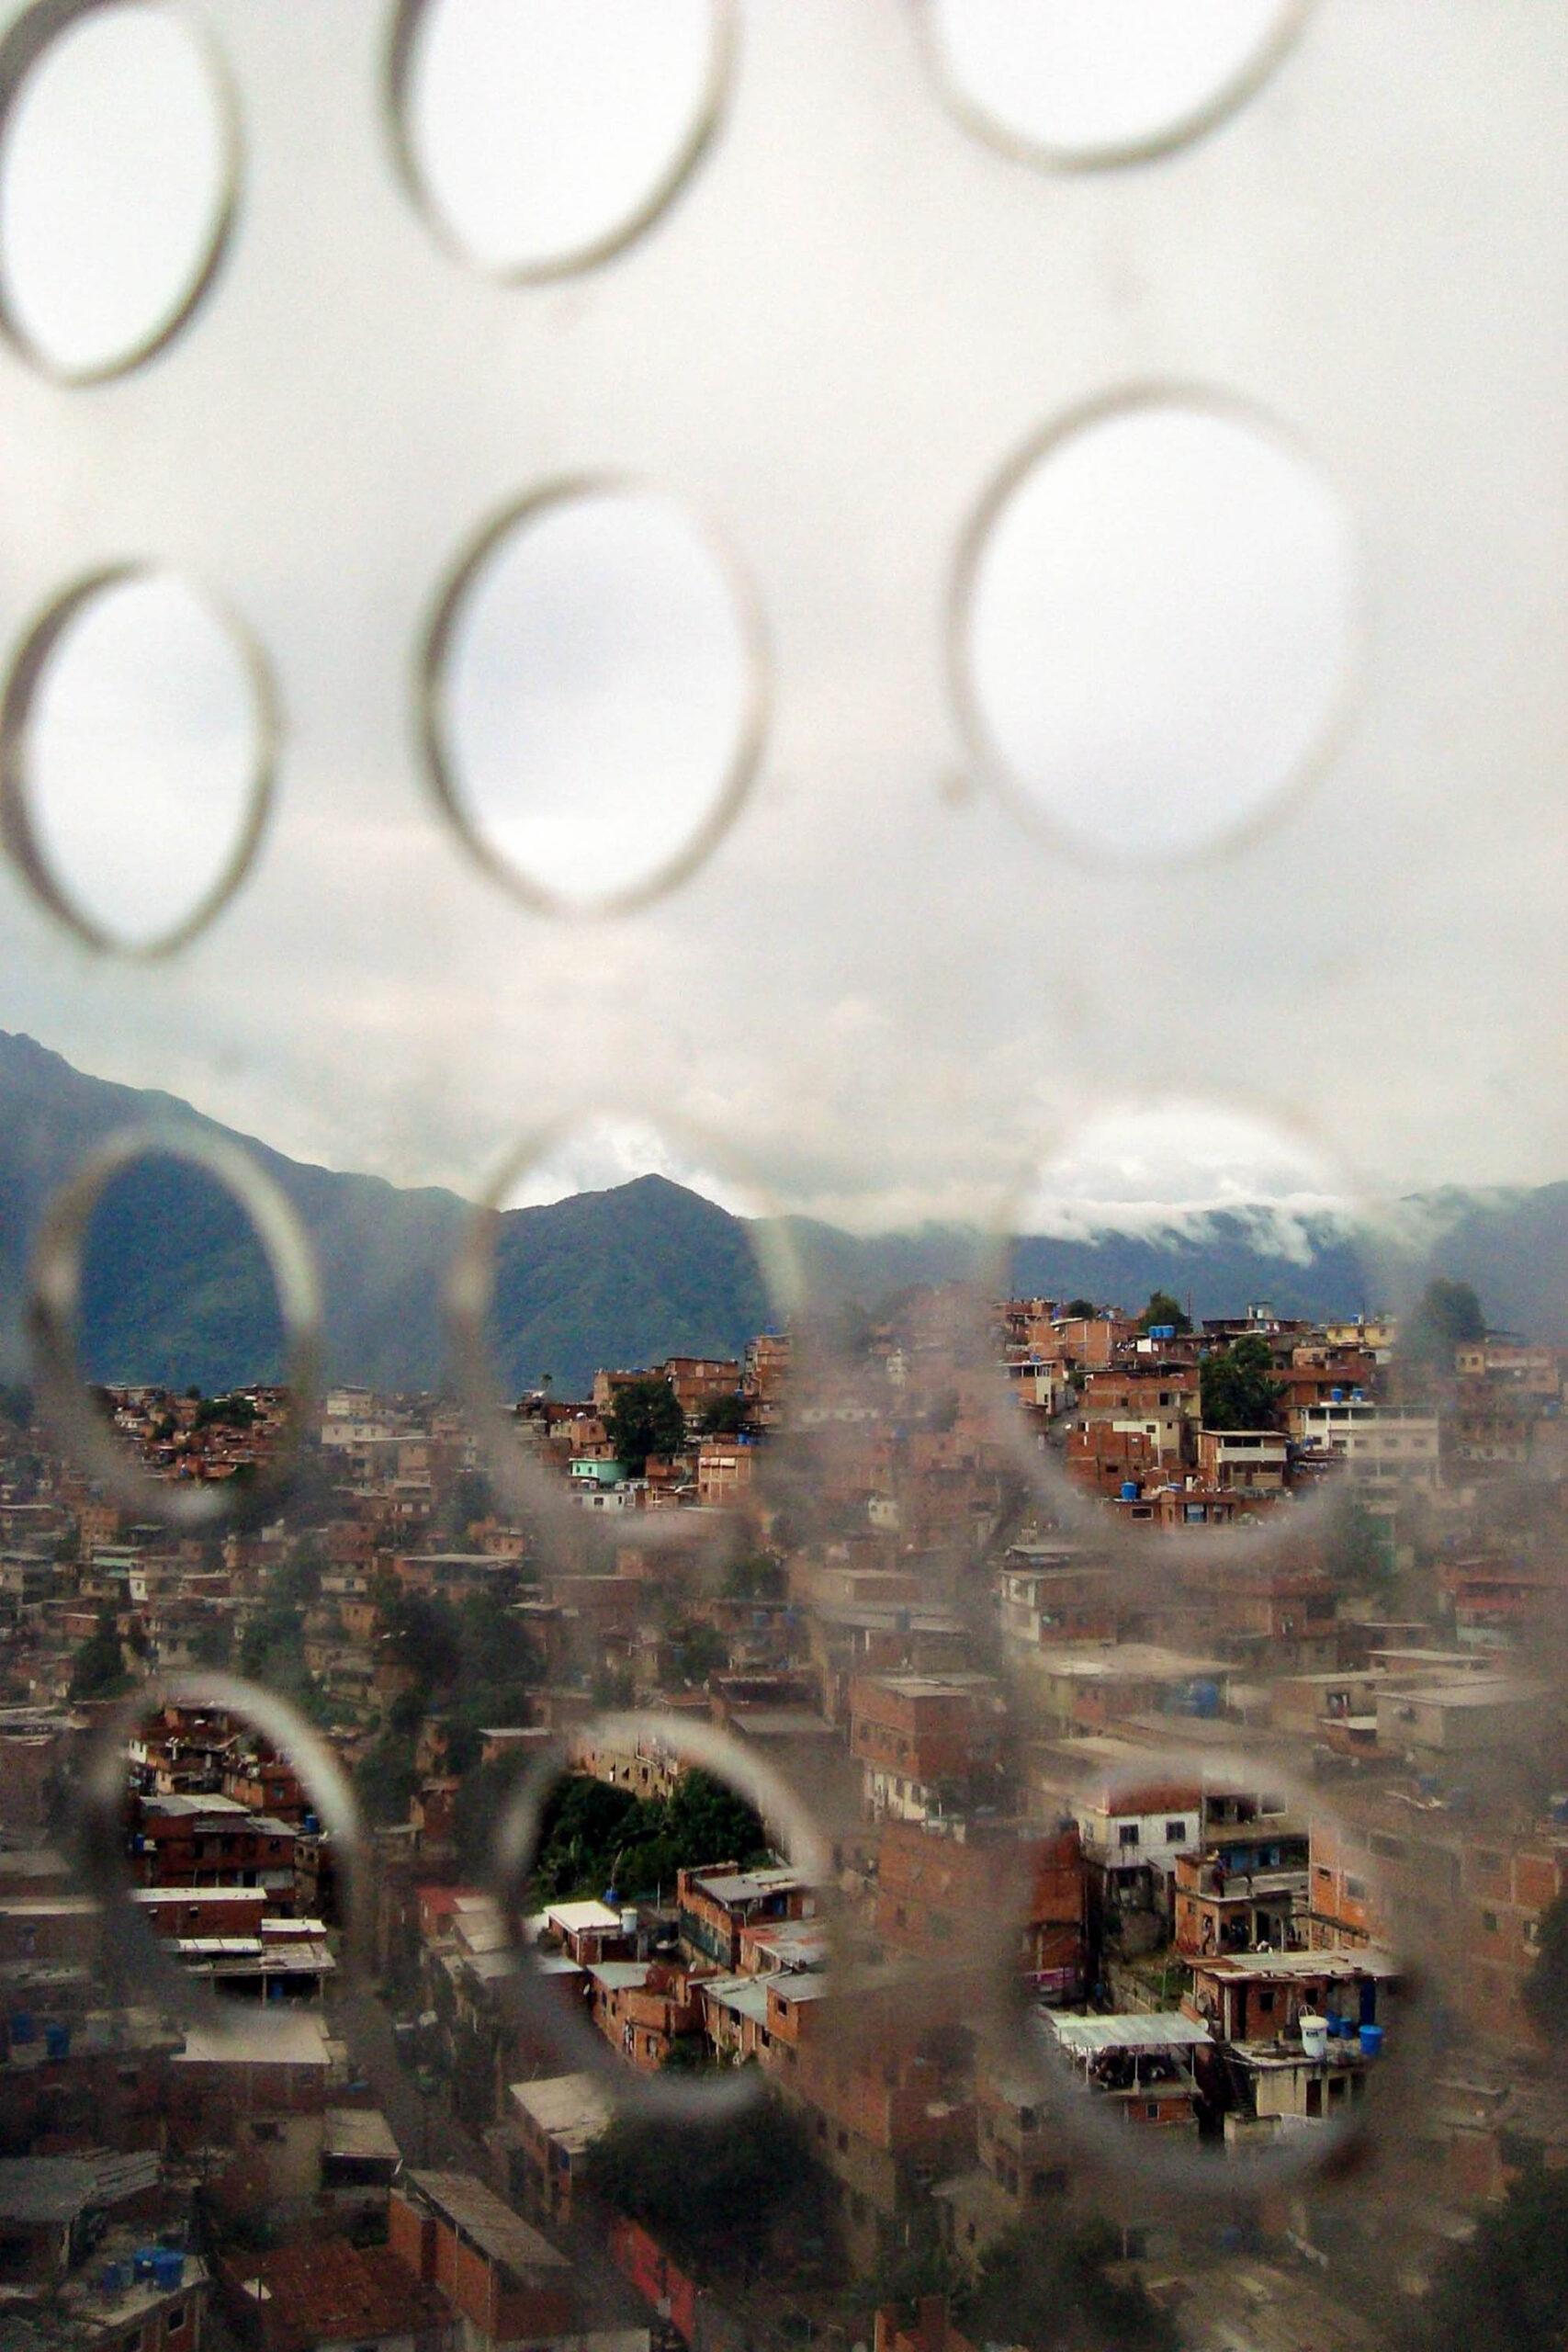 Puntos-de-vista-IGNACIO-CASTRO - Ser Caraqueño